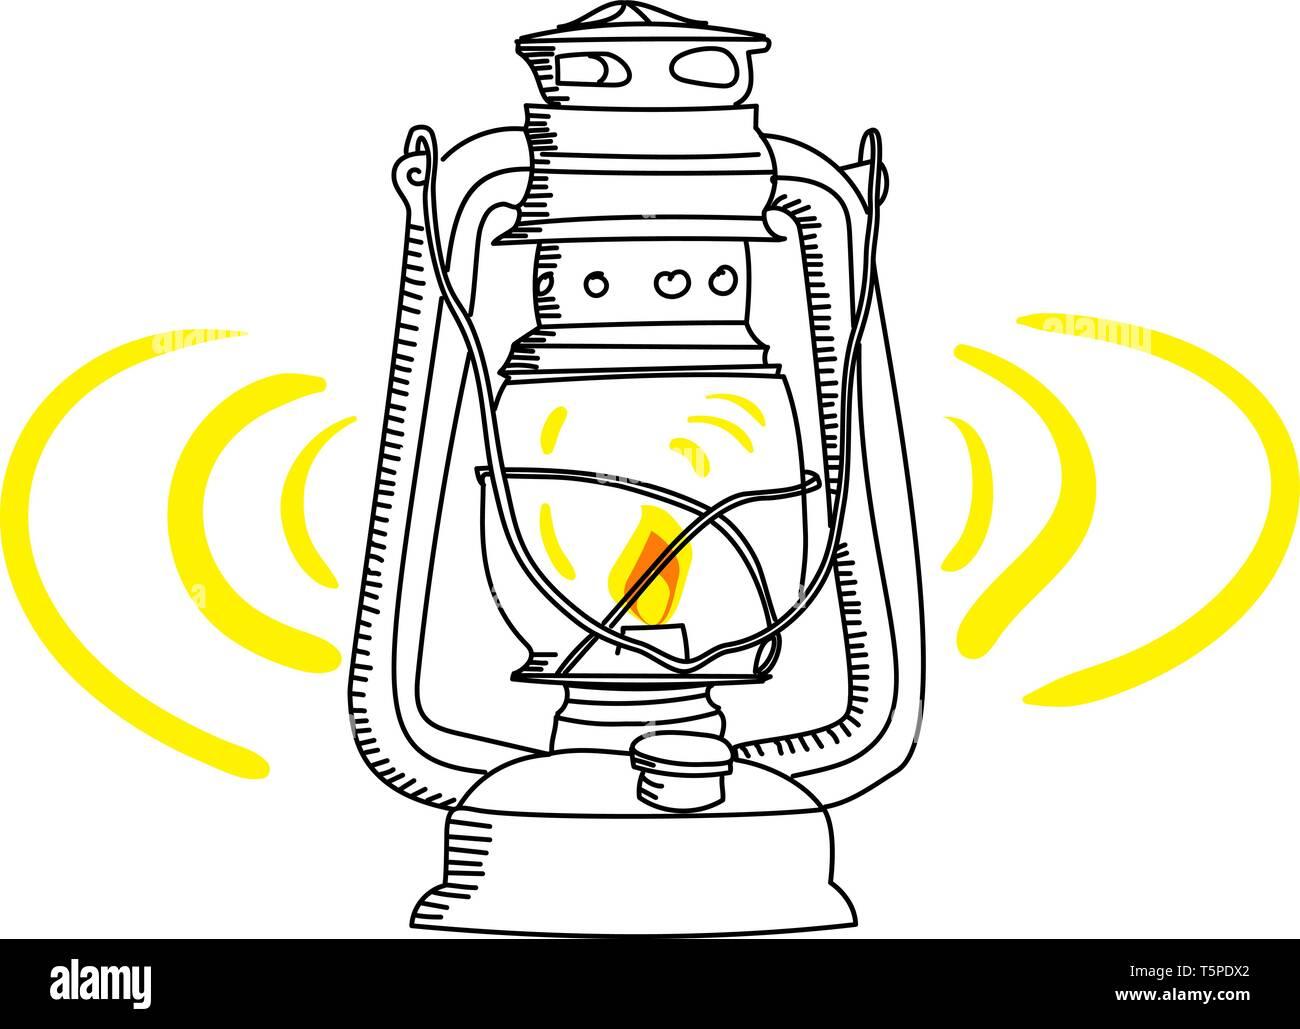 The old kerosene lamp isolated on white background - Stock Vector